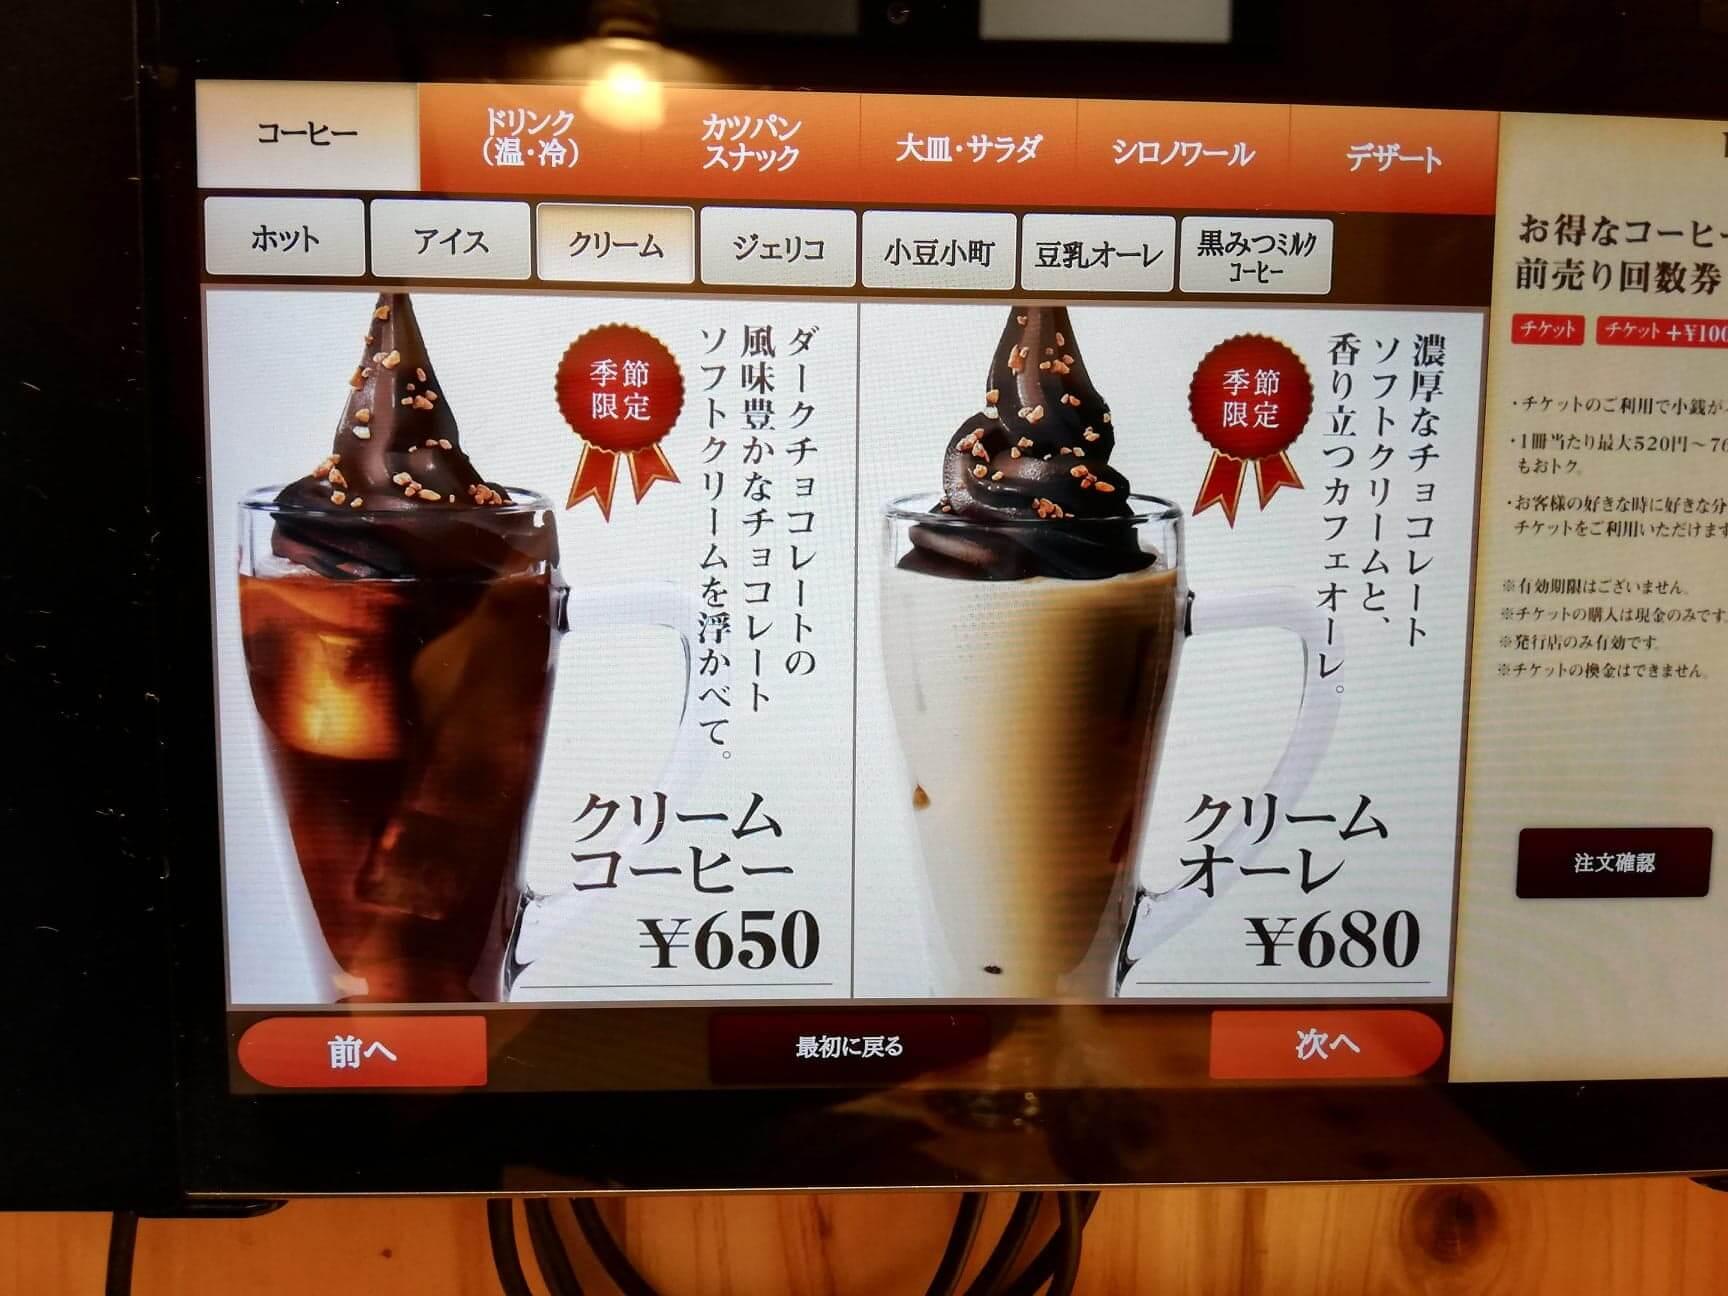 コメダ珈琲店のメニュー表の写真